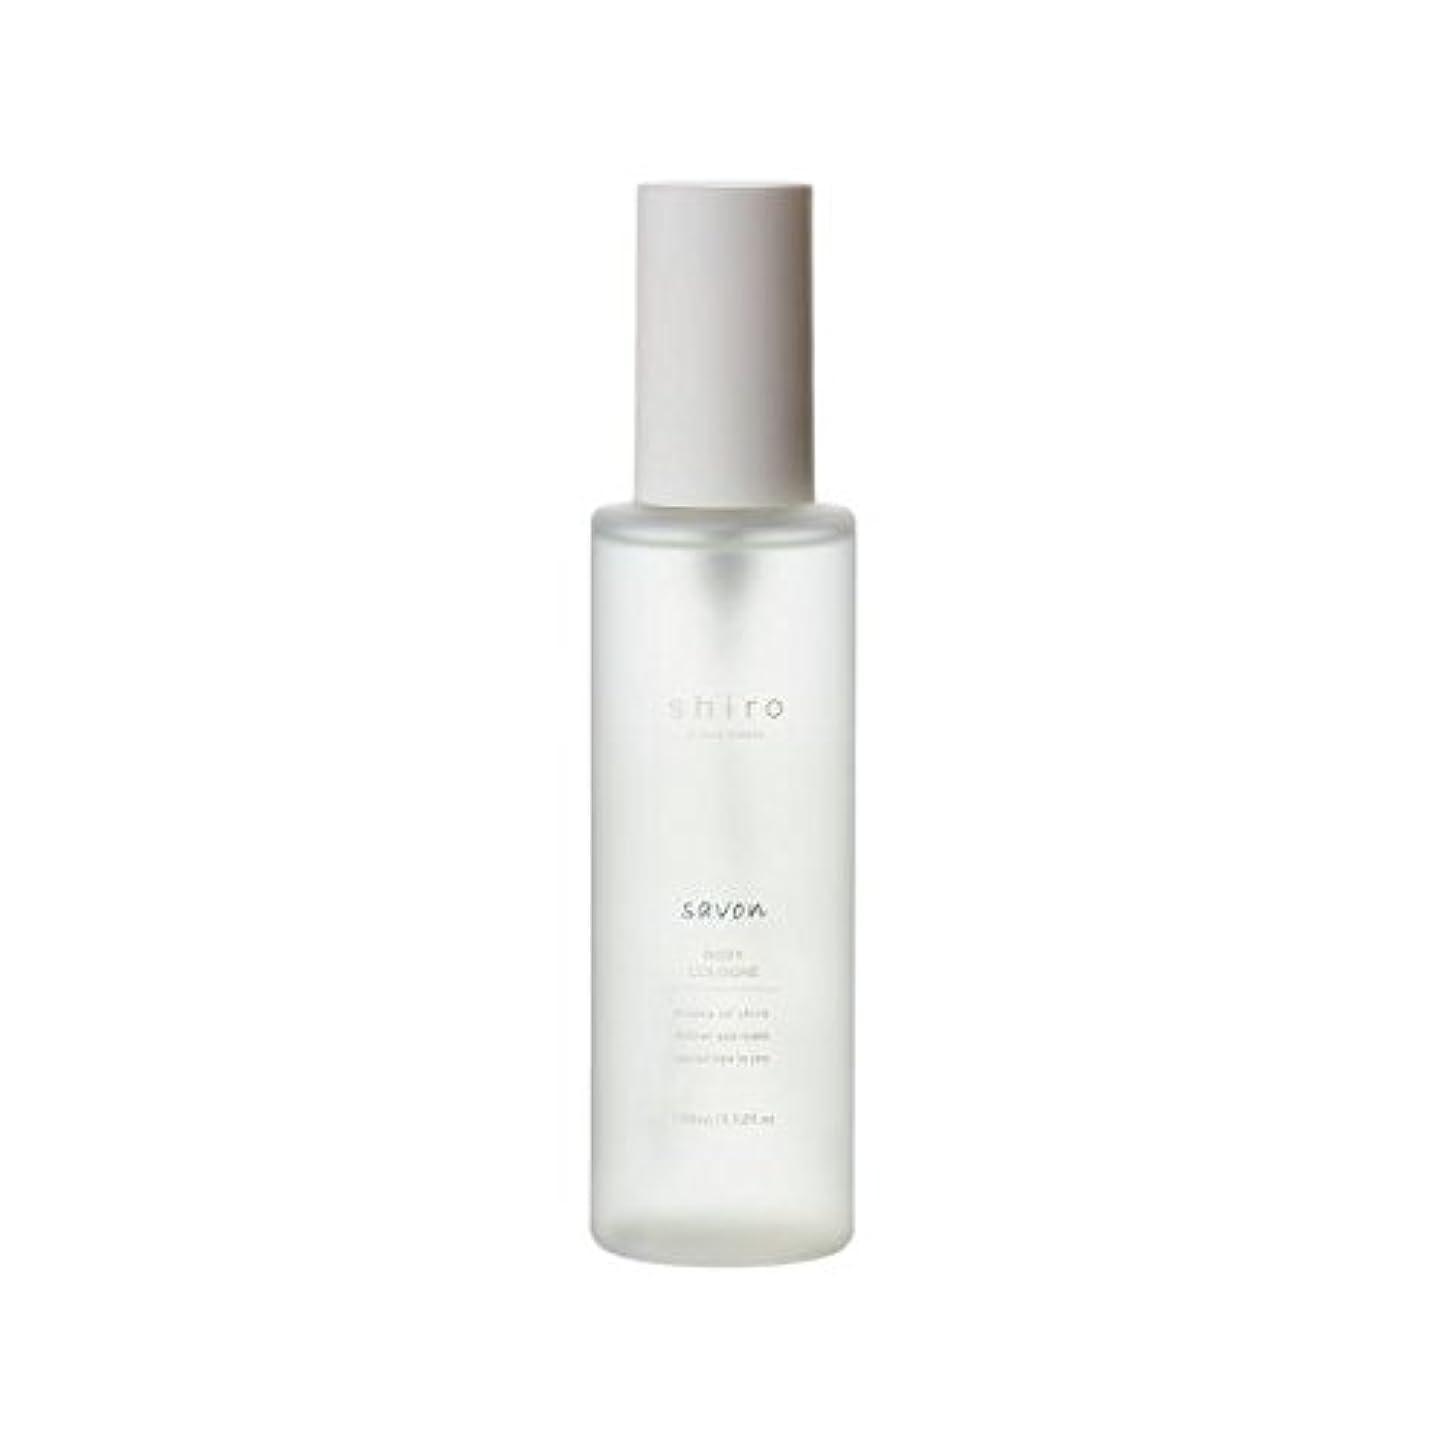 慎重できたしてはいけないshiro サボン ボディコロン 100ml 清潔で透明感のある自然な石けんの香り ミスト シロ